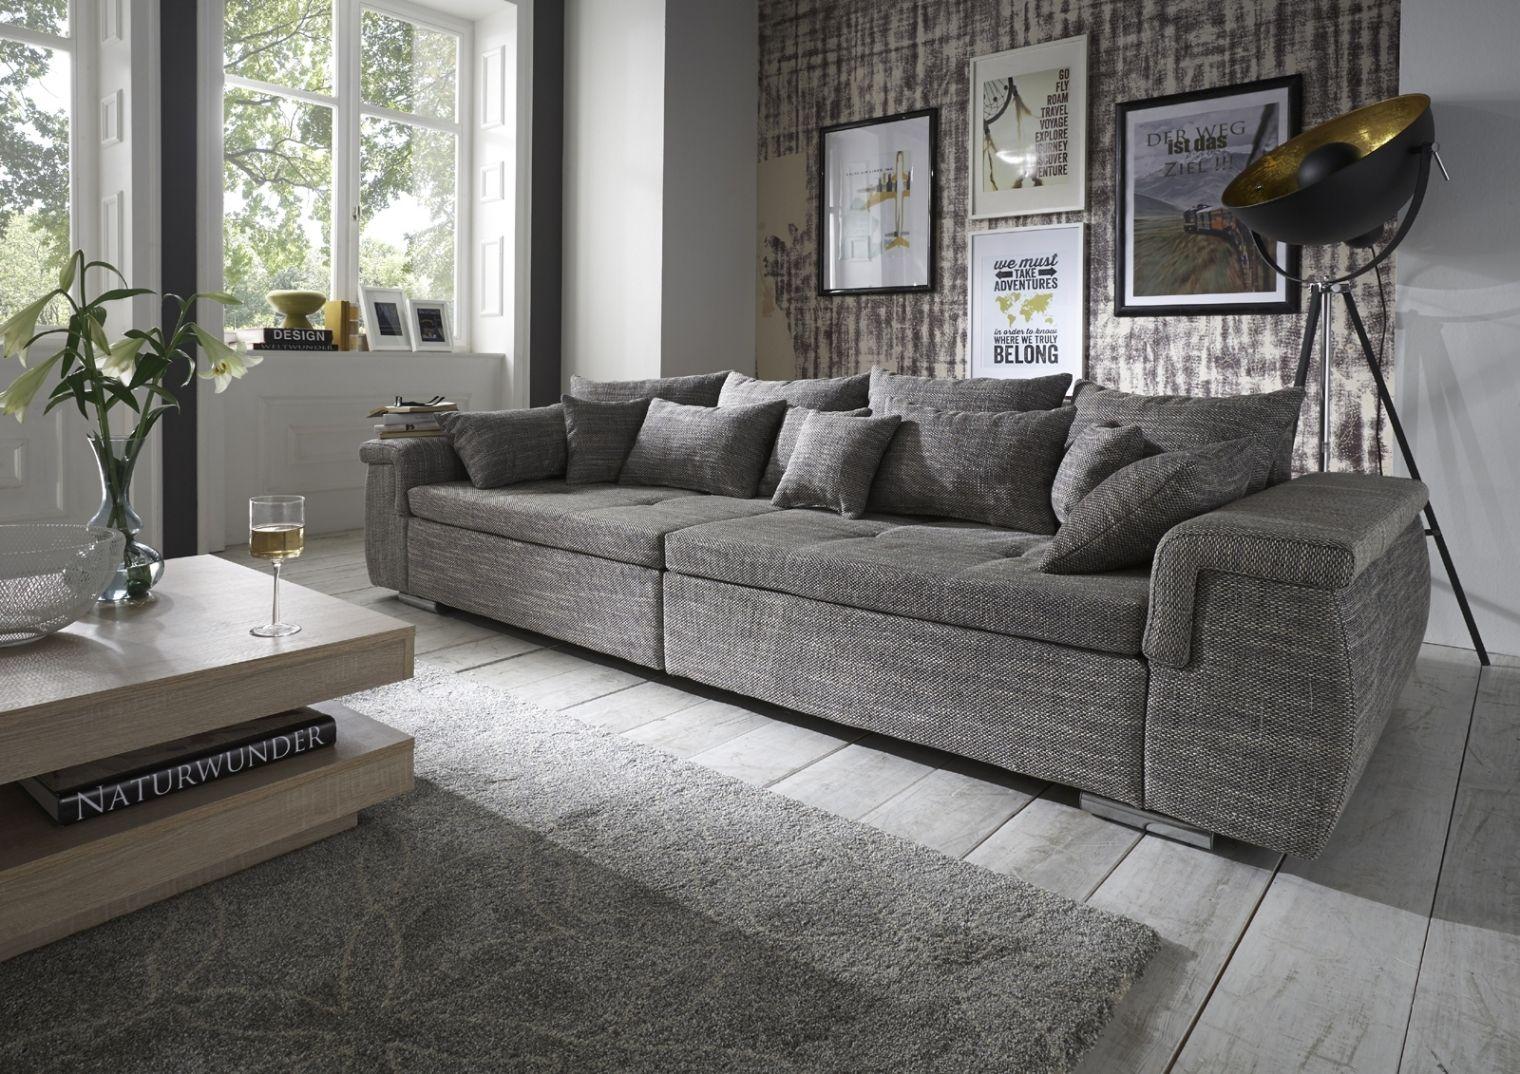 neu wohnzimmer couch grau - Wohnzimmercouch